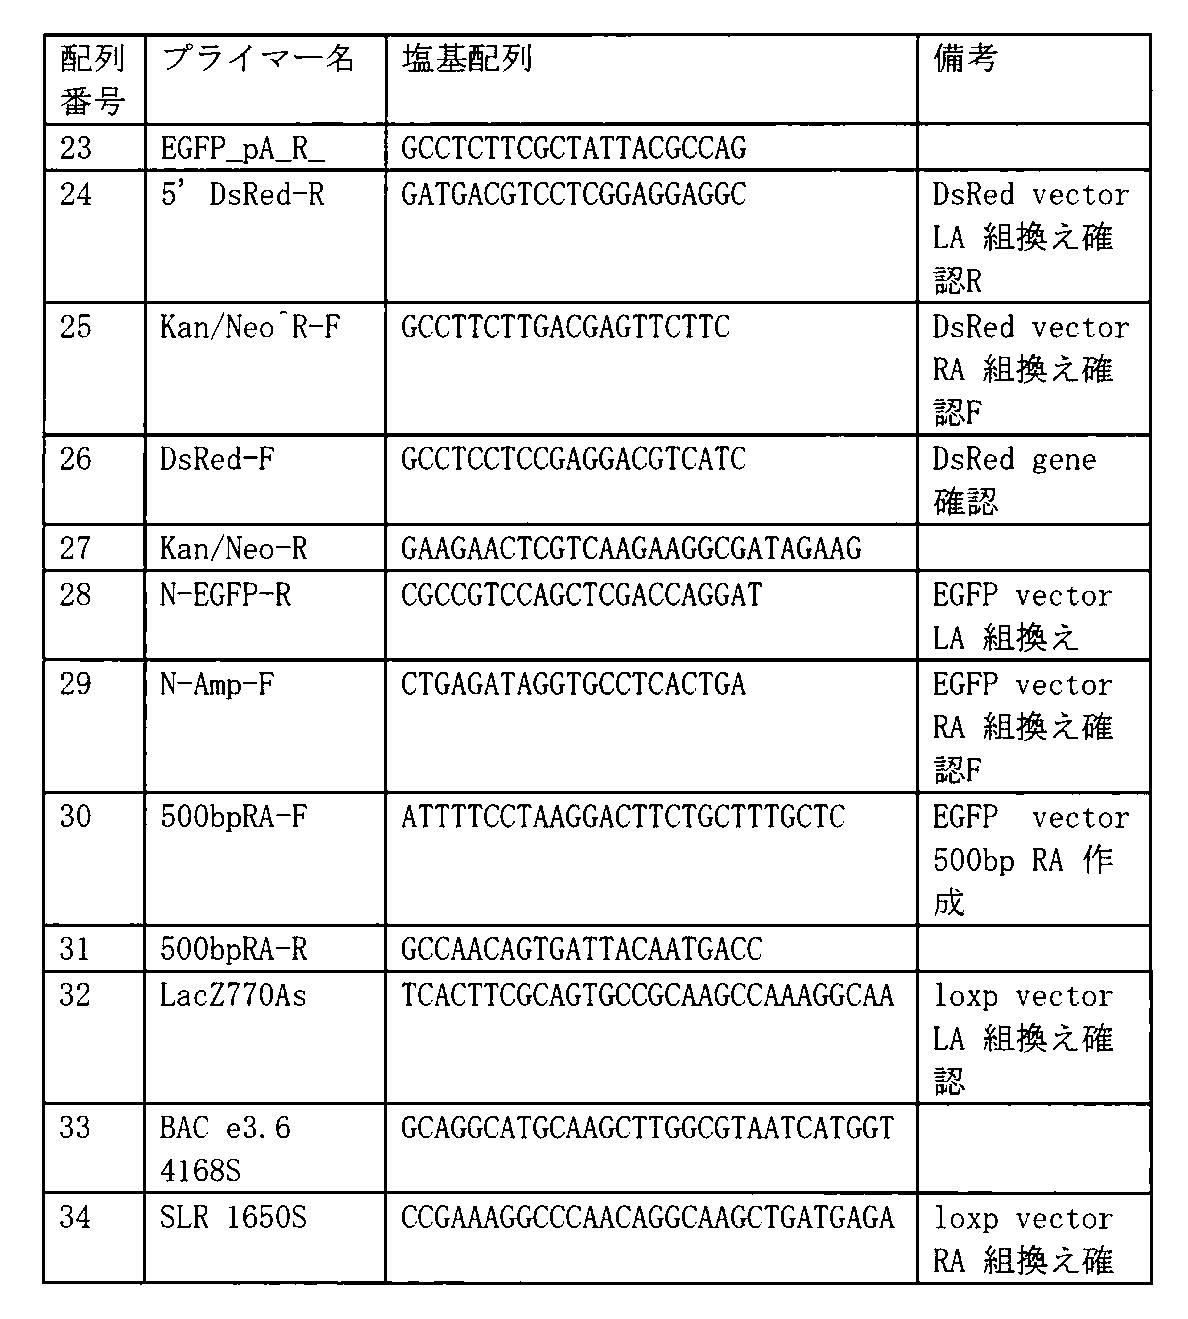 WO2014061829A1 - 薬物代謝酵素誘導および細胞毒性の評価方法、ならびにそのためのベクターおよび細胞         - Google PatentsFamily